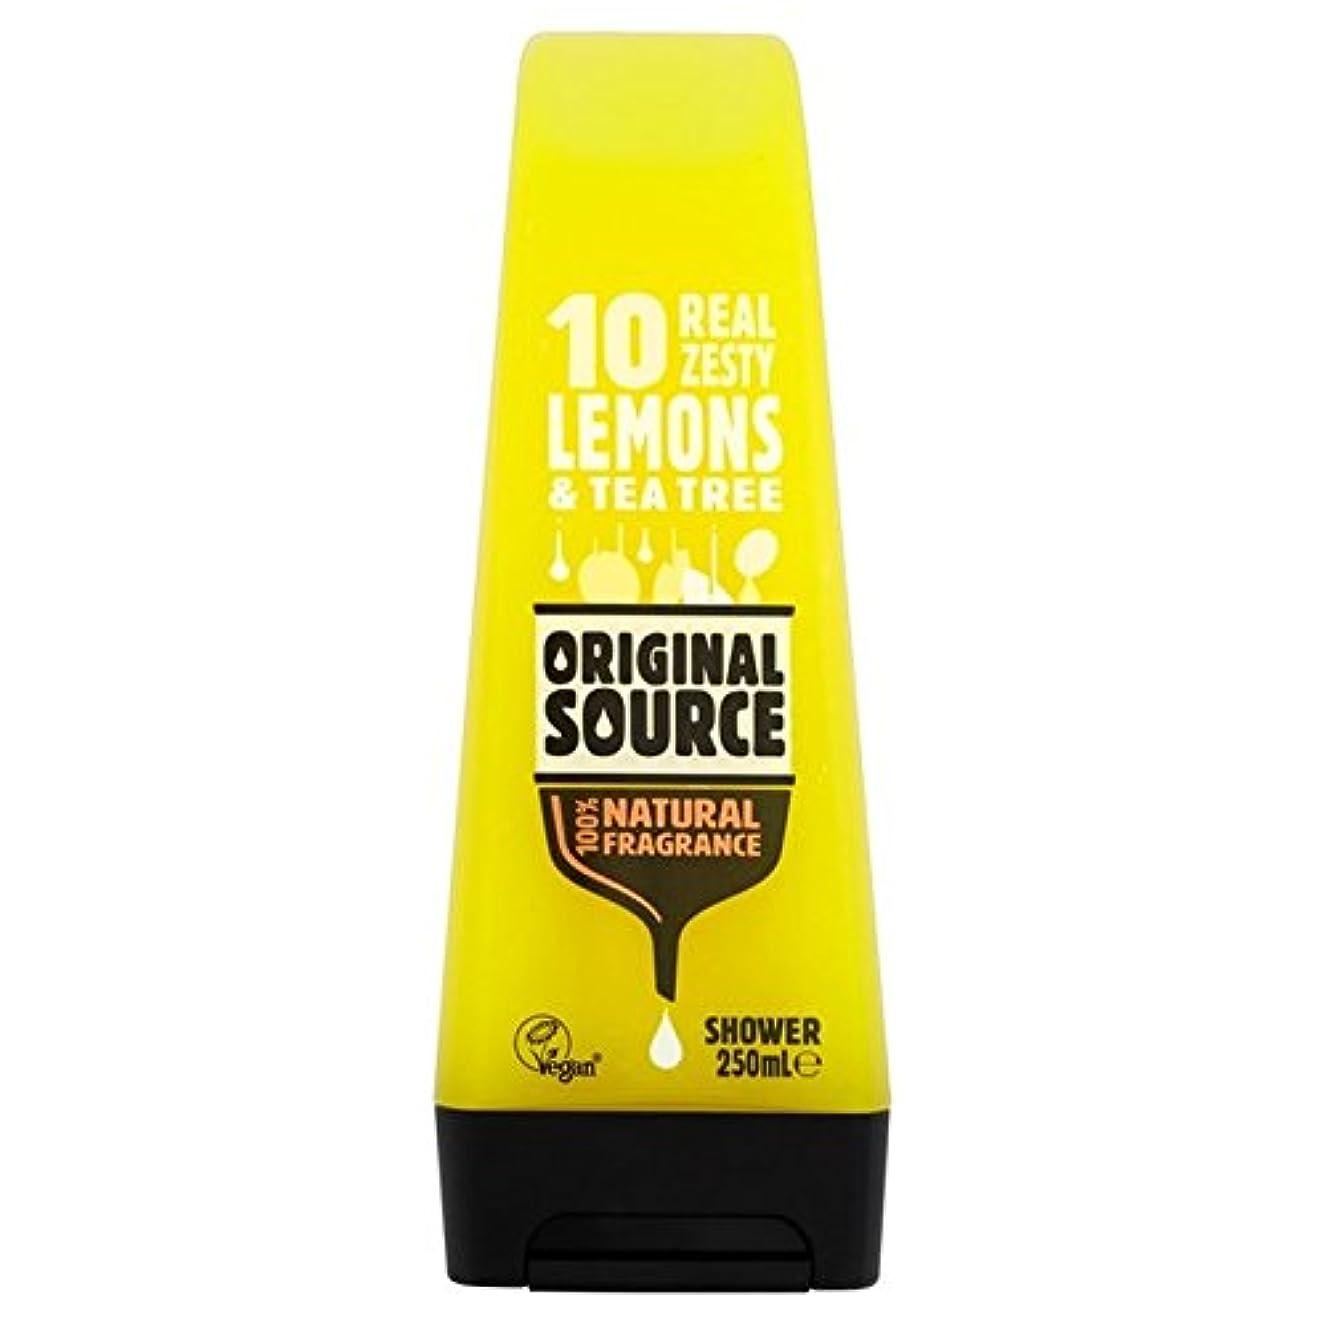 不調和磁石惨めなOriginal Source Lemon Shower Gel 250ml (Pack of 6) - 元のソースのレモンシャワージェル250ミリリットル x6 [並行輸入品]